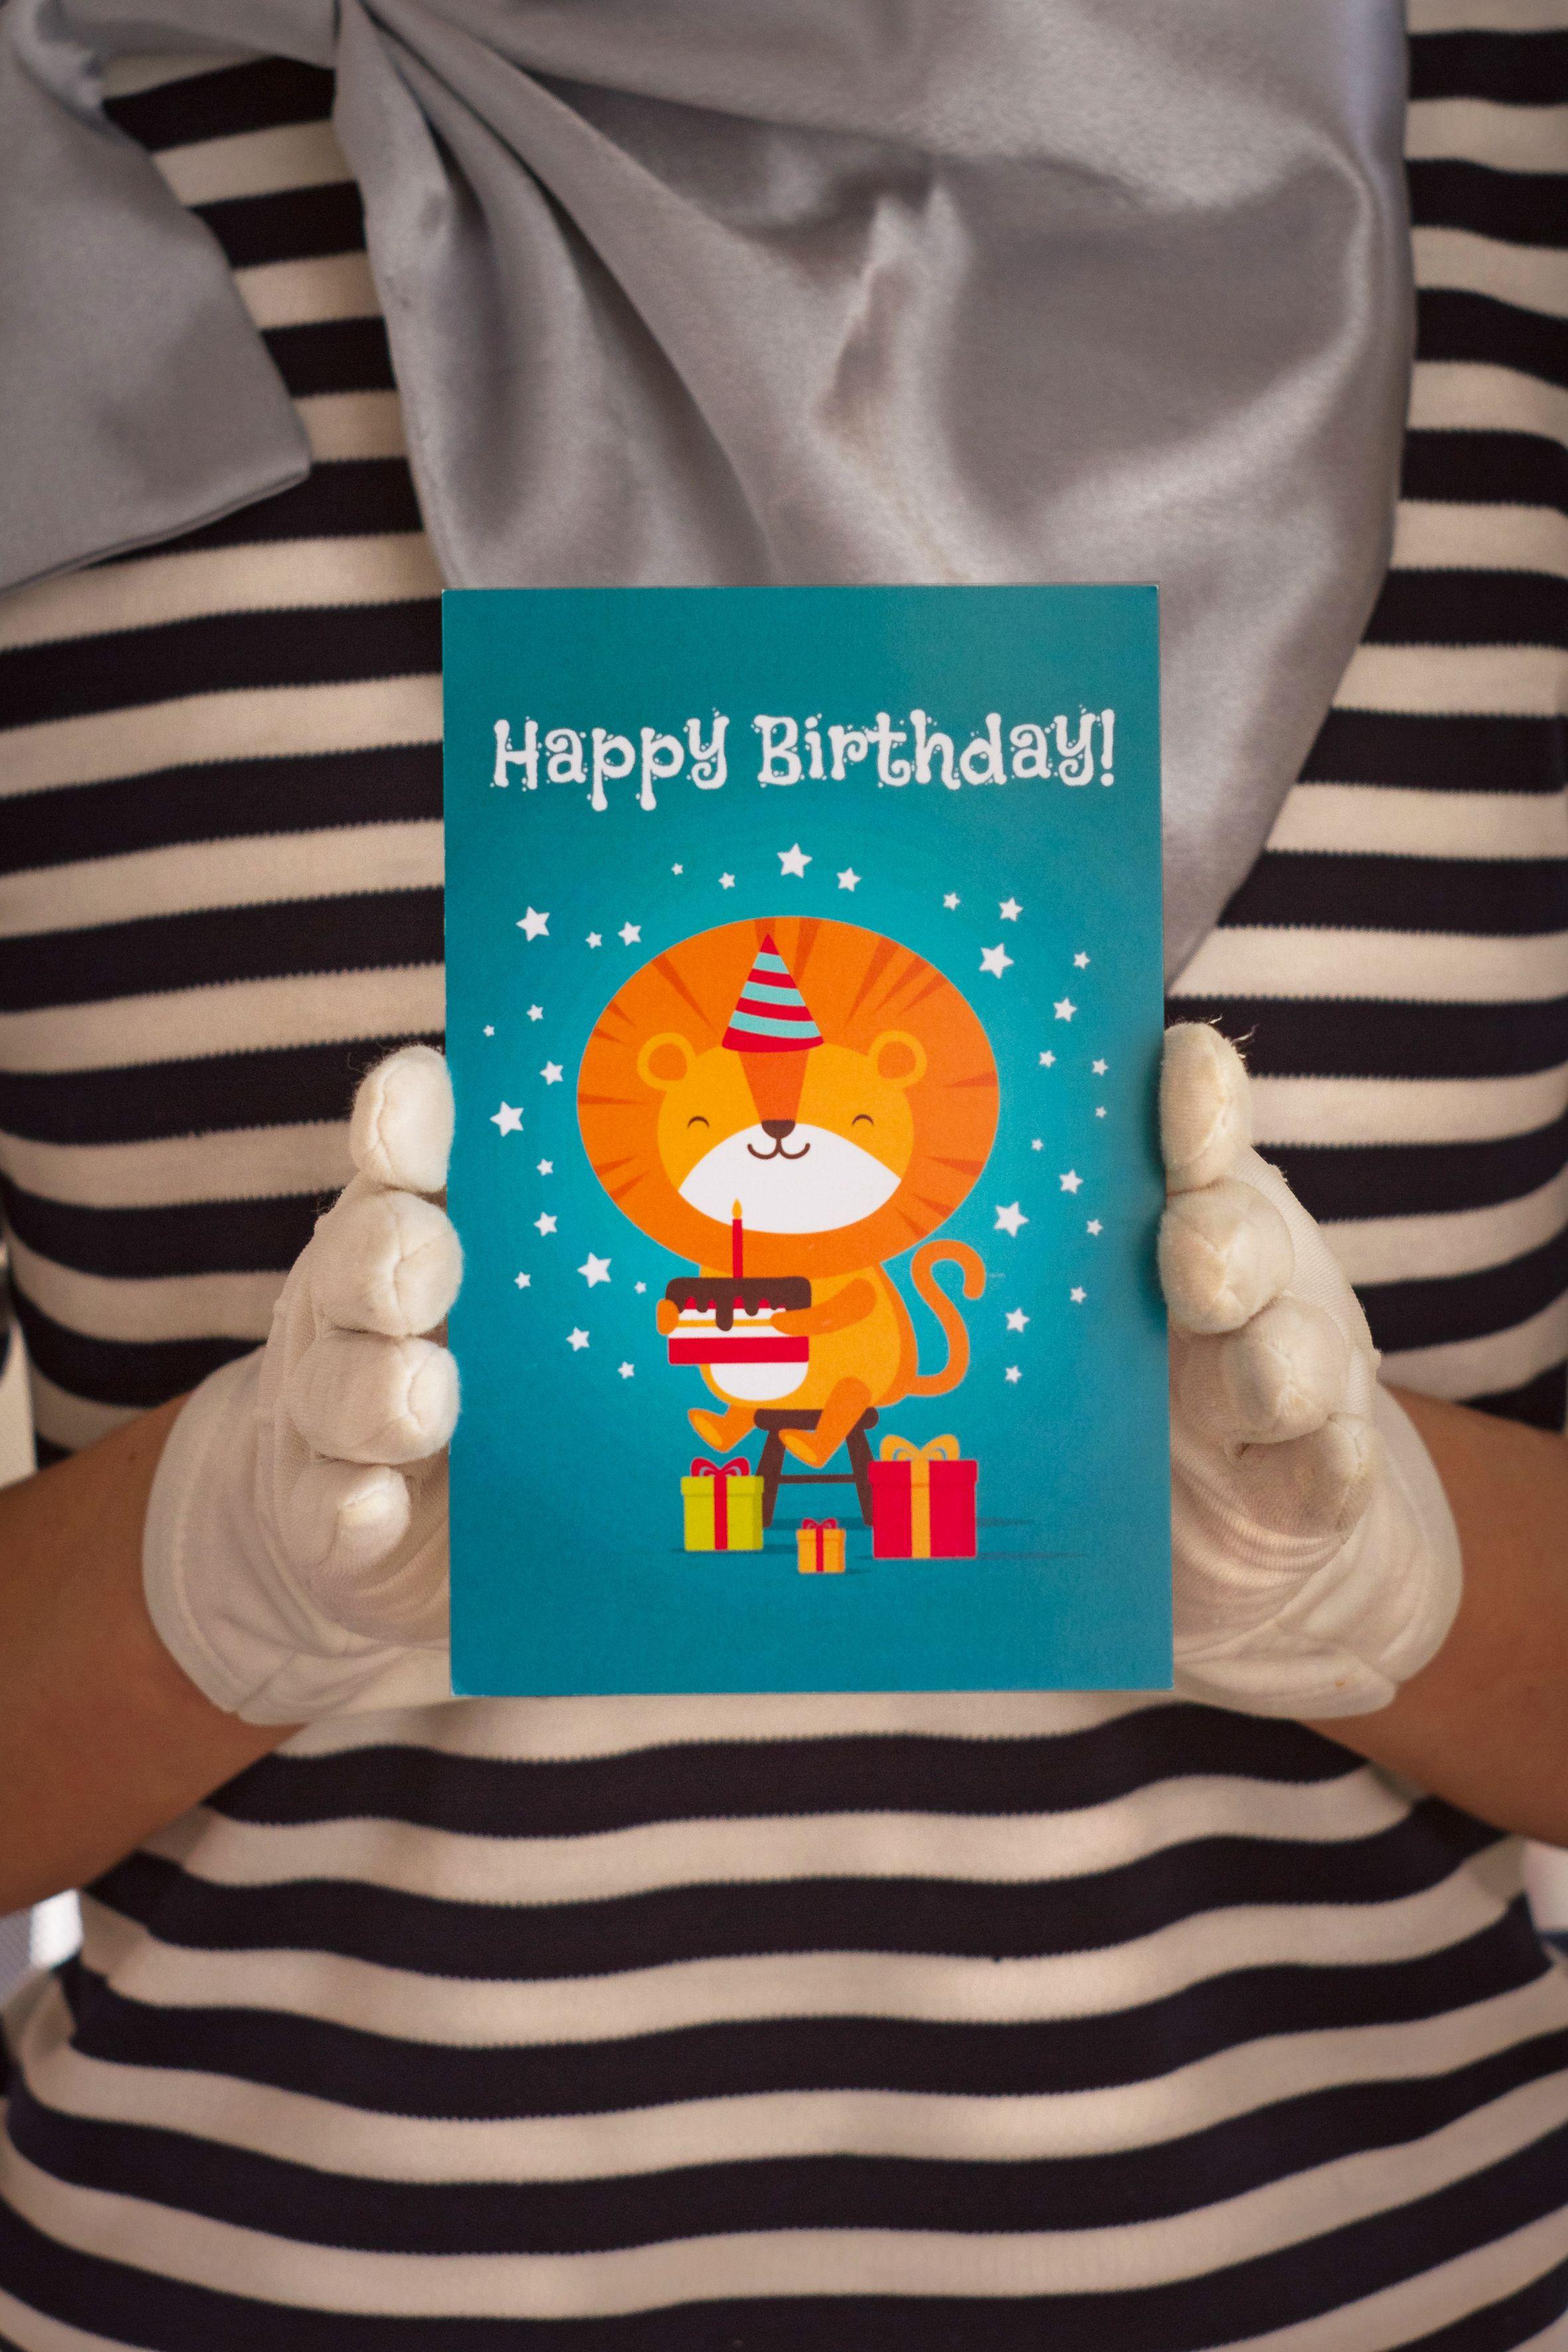 знаквнимания сюрприз сднемрождения lion happybirthday открытка подарок лев